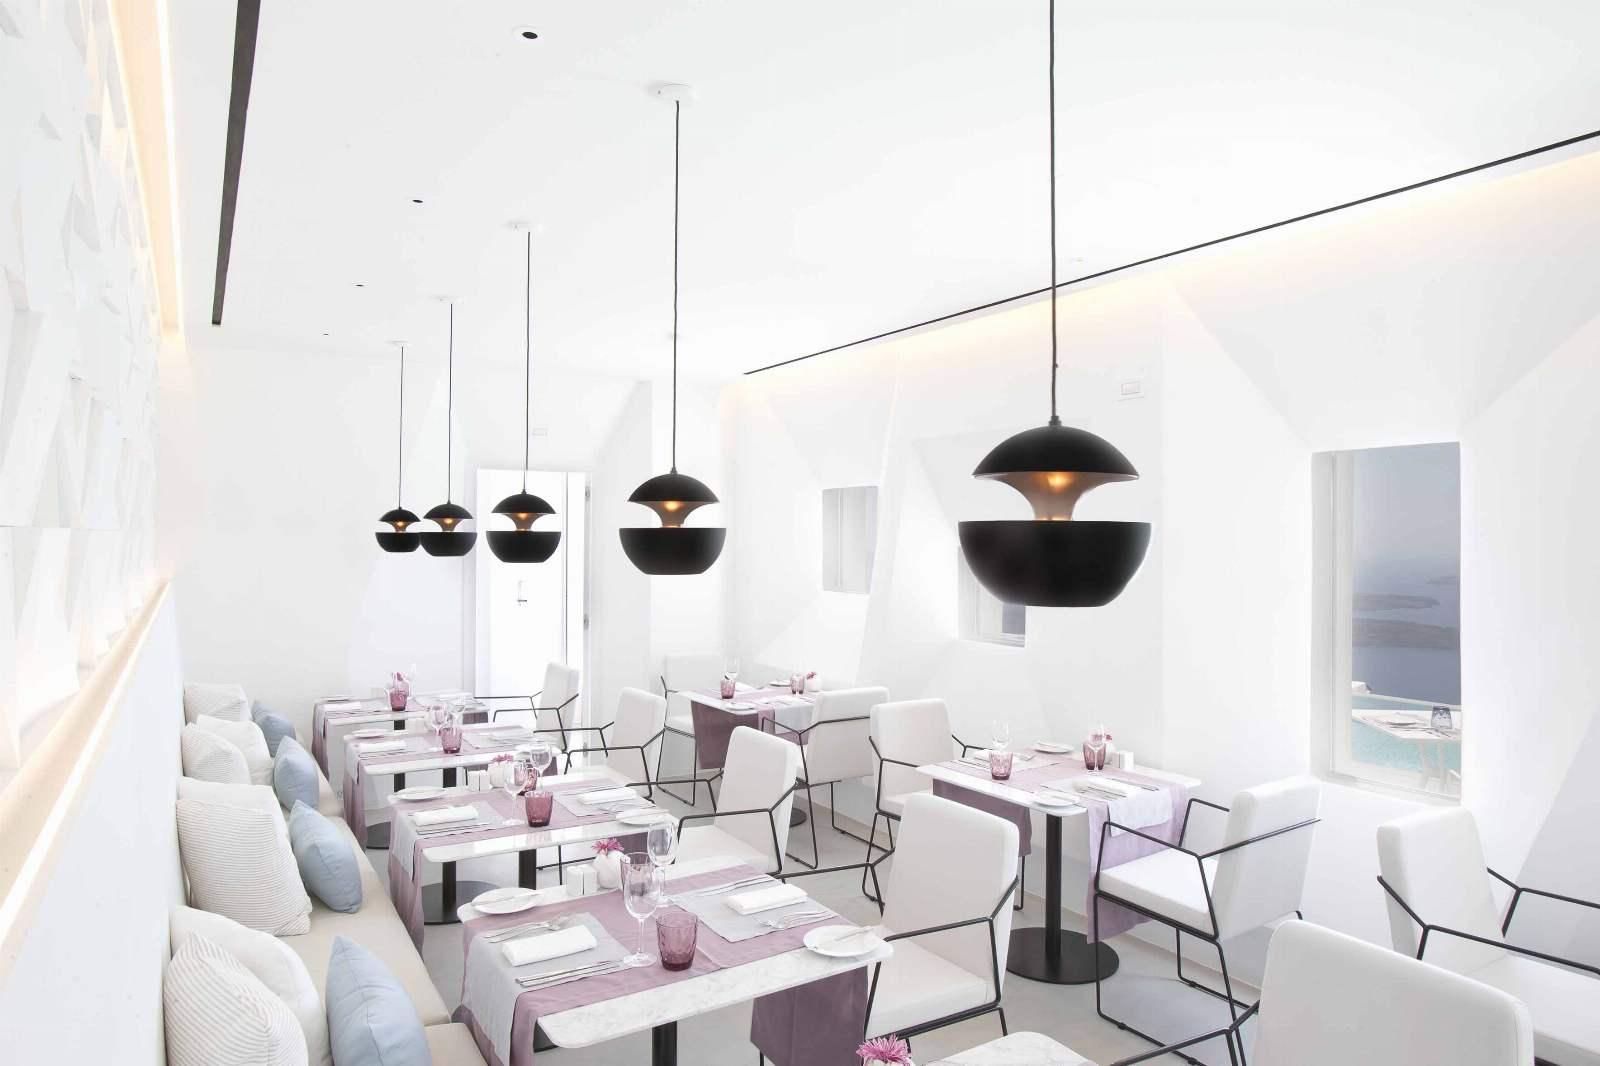 Santoro Restaurant, Grace Hotel